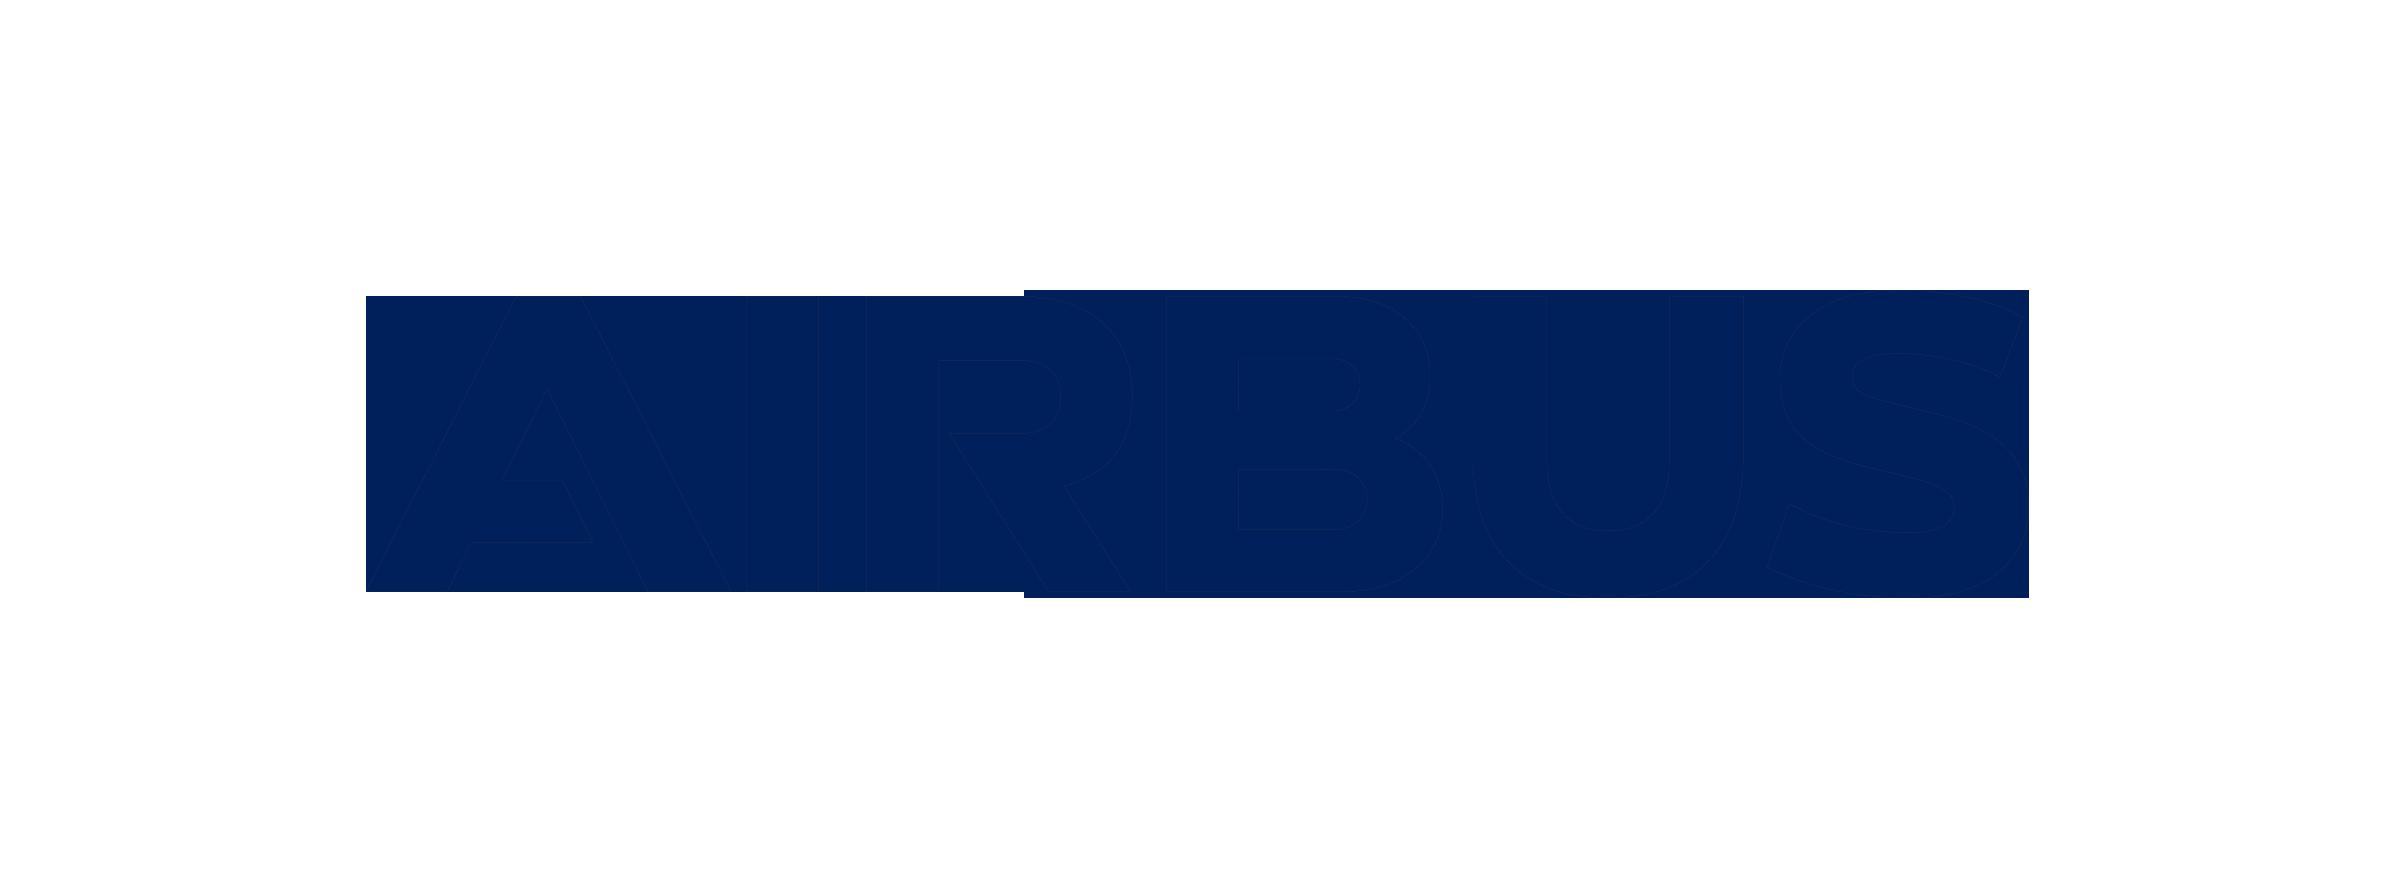 Airbus logo blue